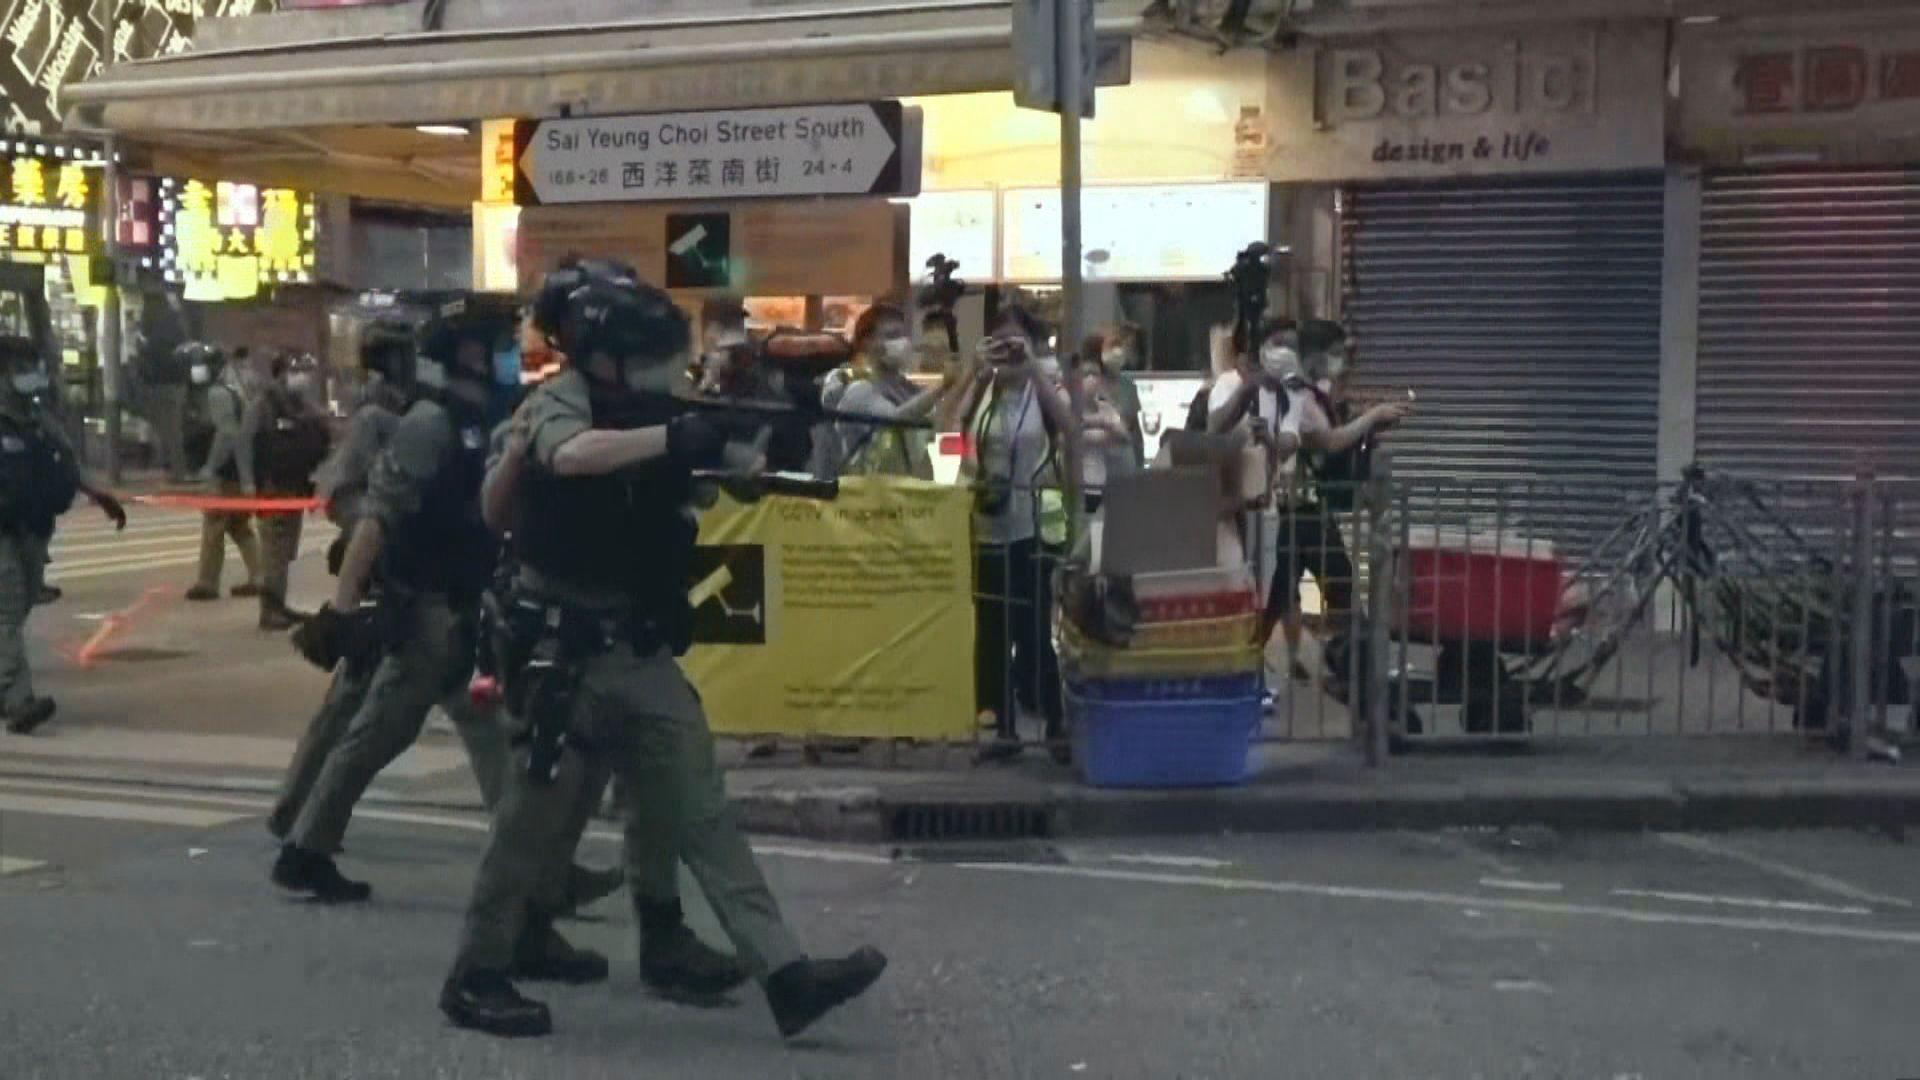 警方西洋菜南街發射多輪胡椒球彈 驅散人群